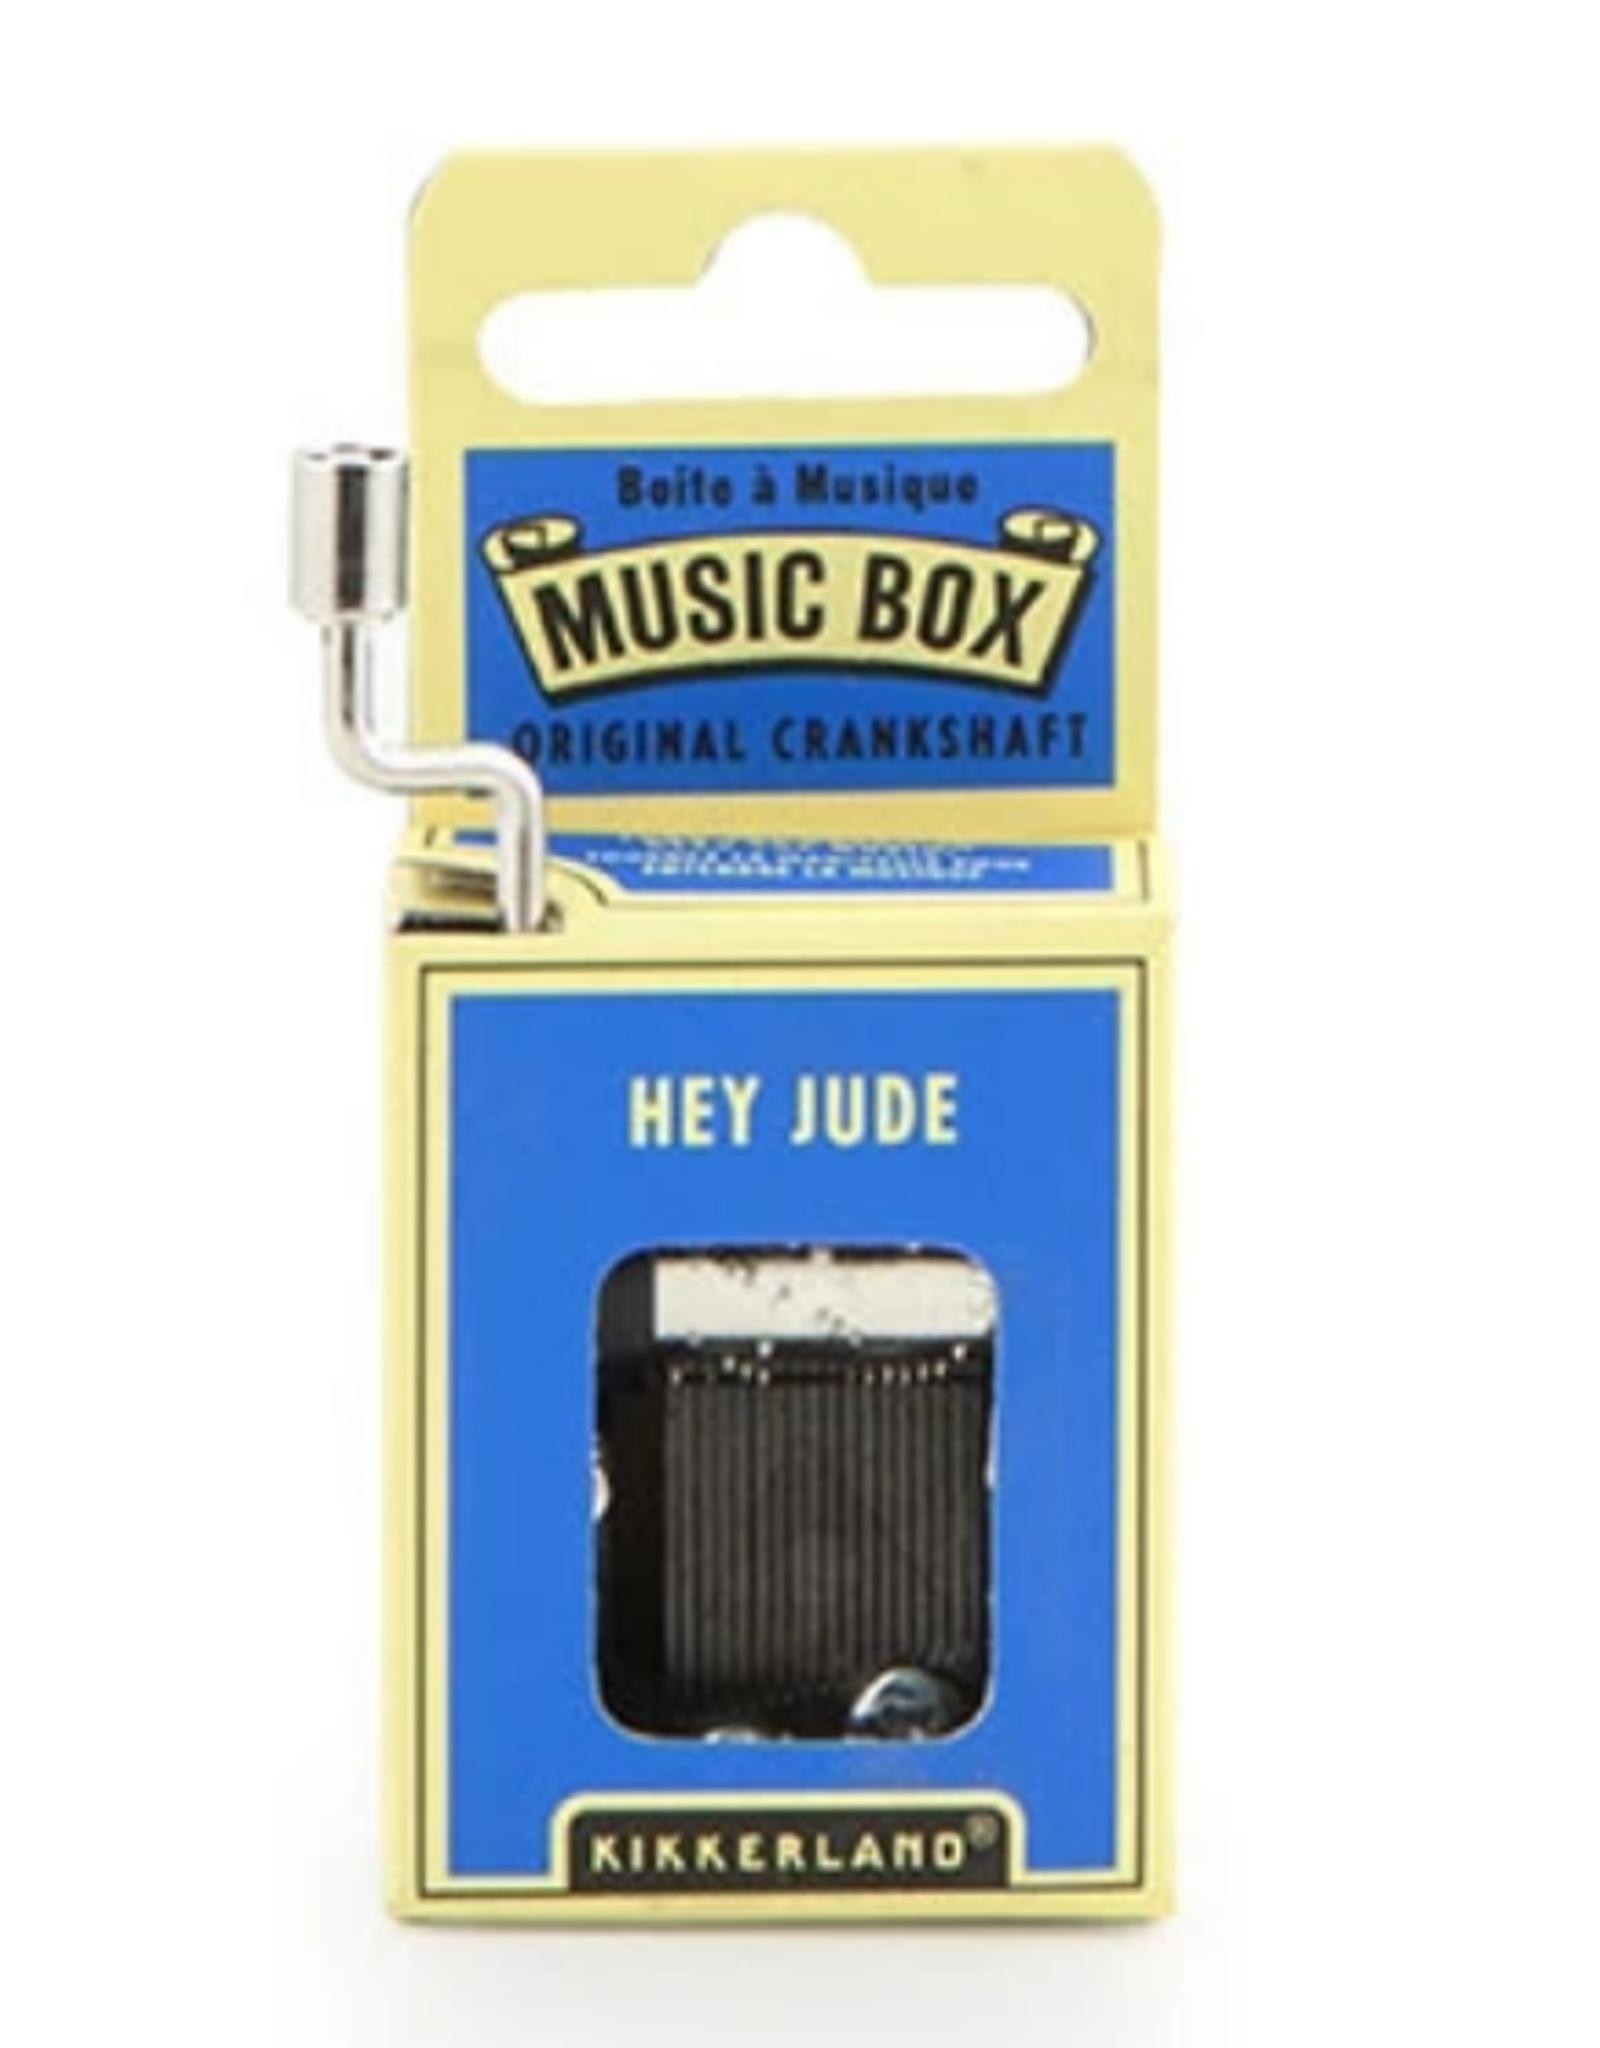 Hey Jude Music Box